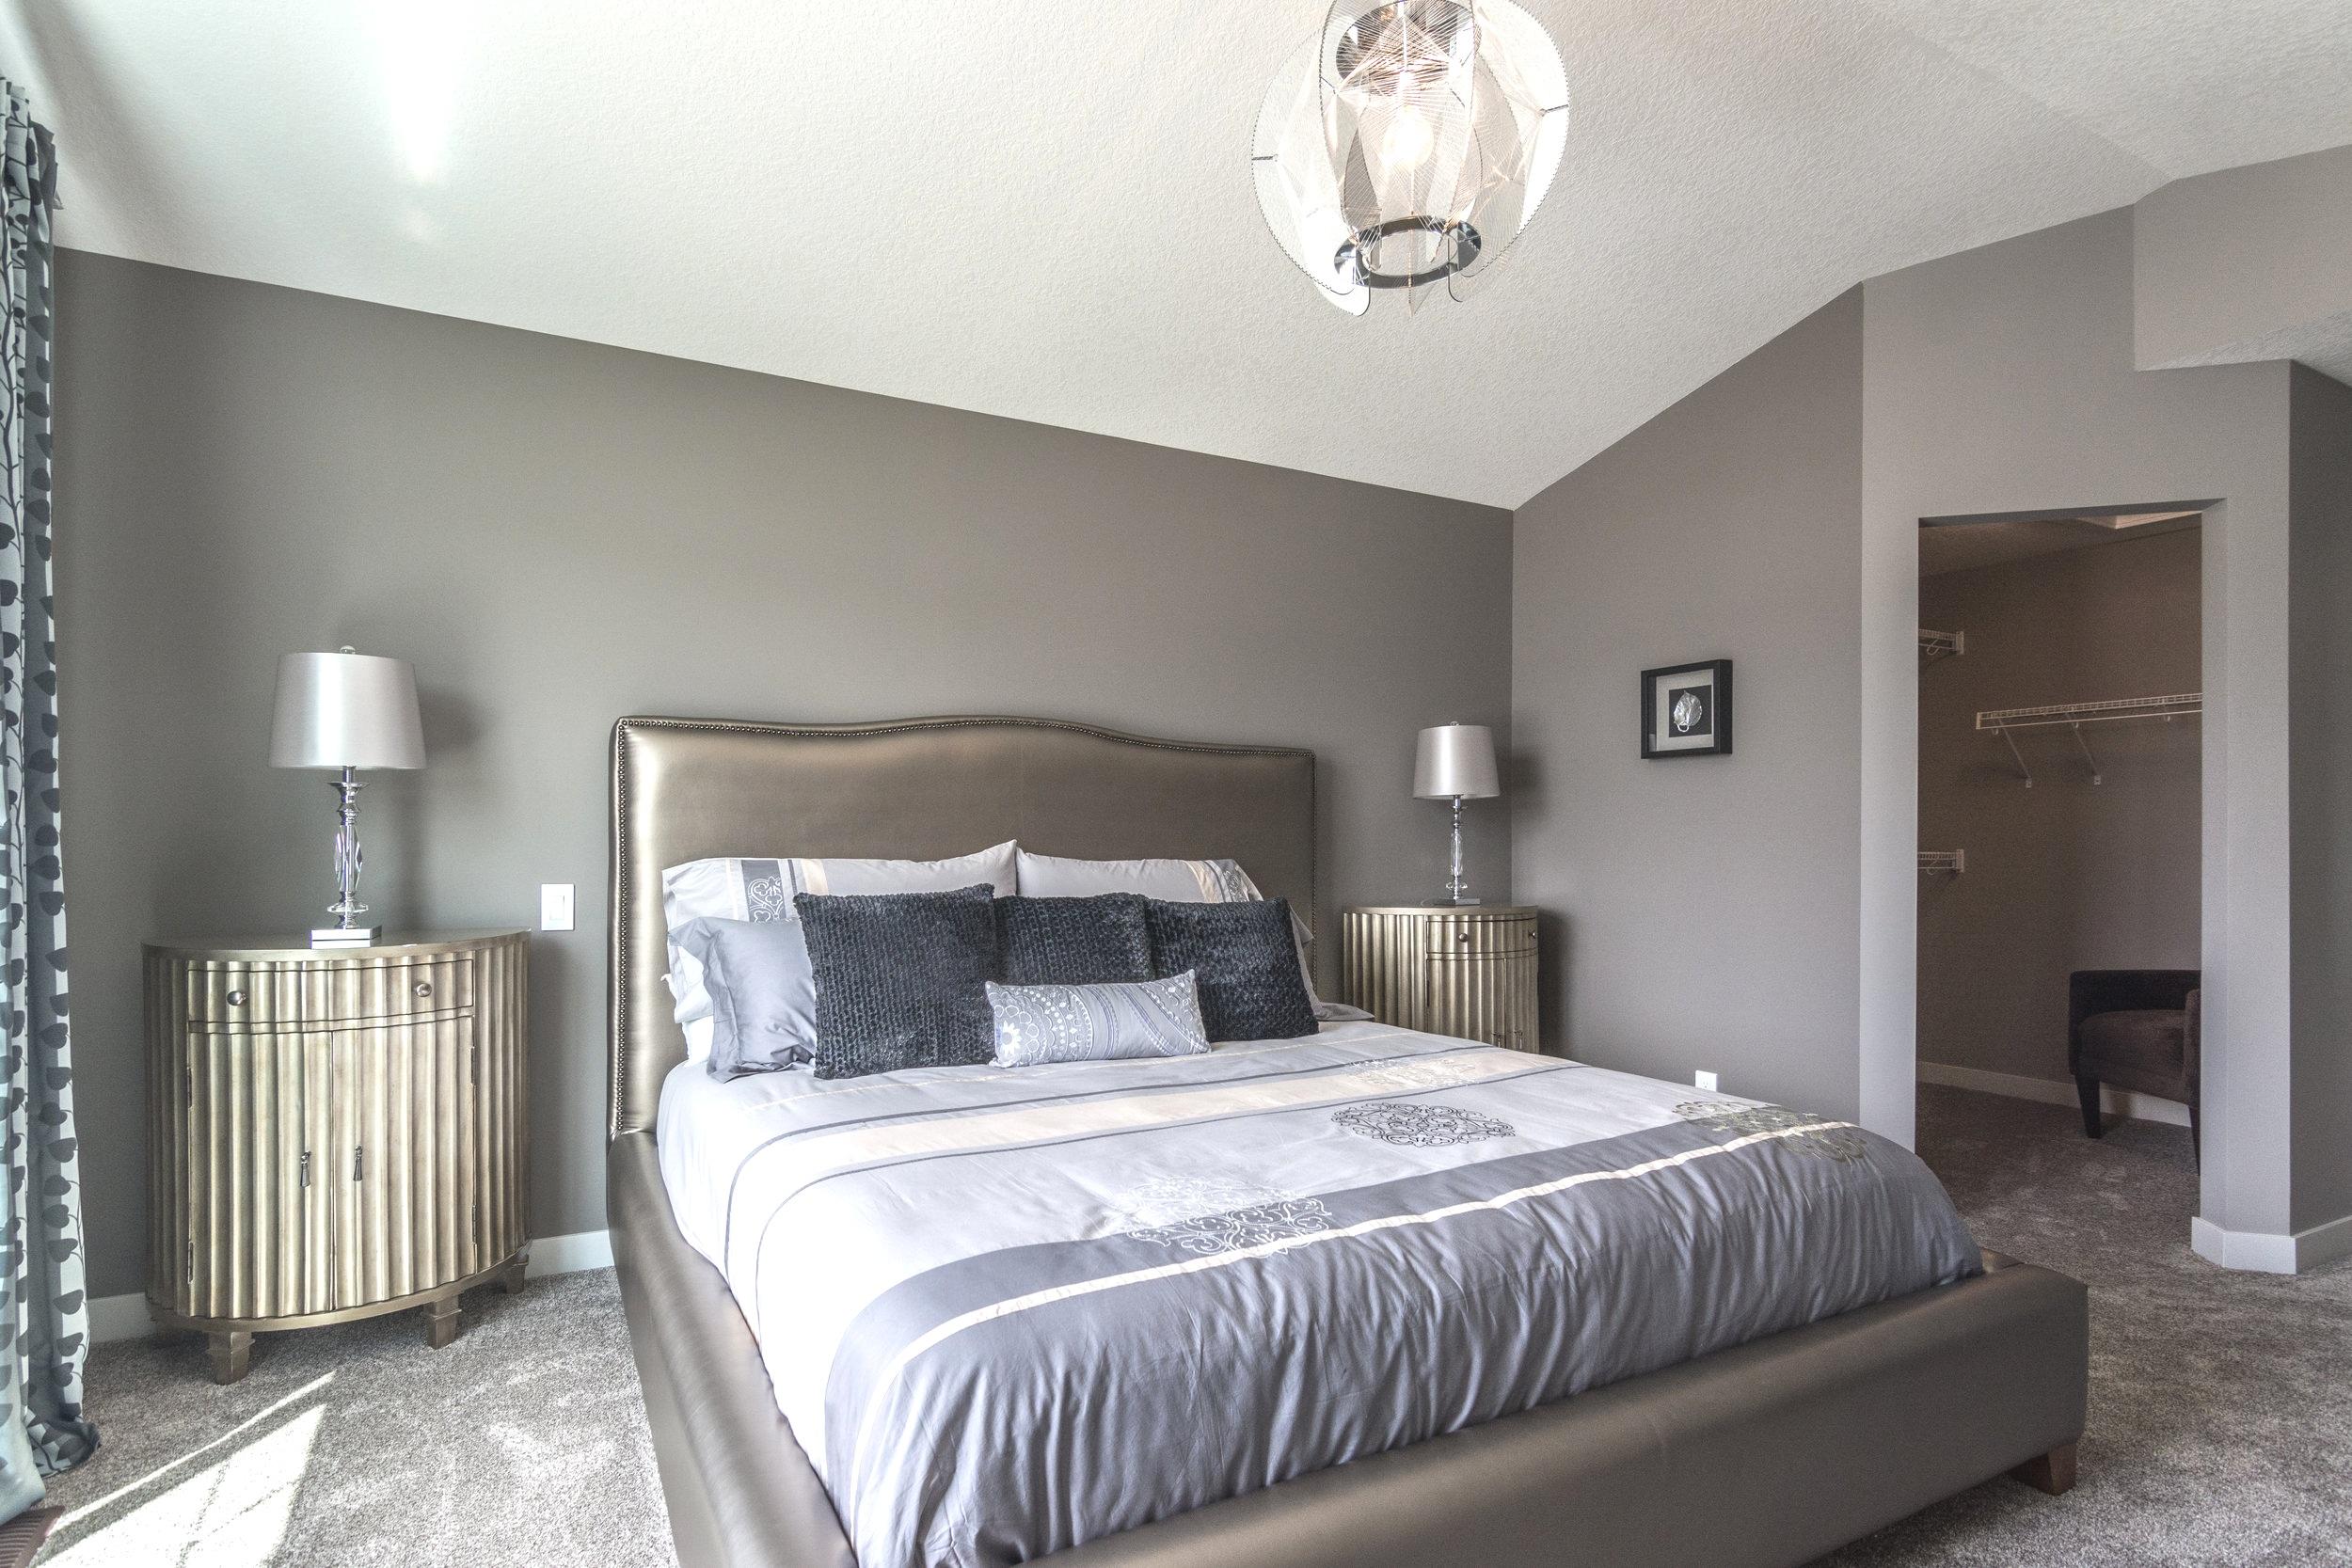 27-master bedroom 6-1714.jpg